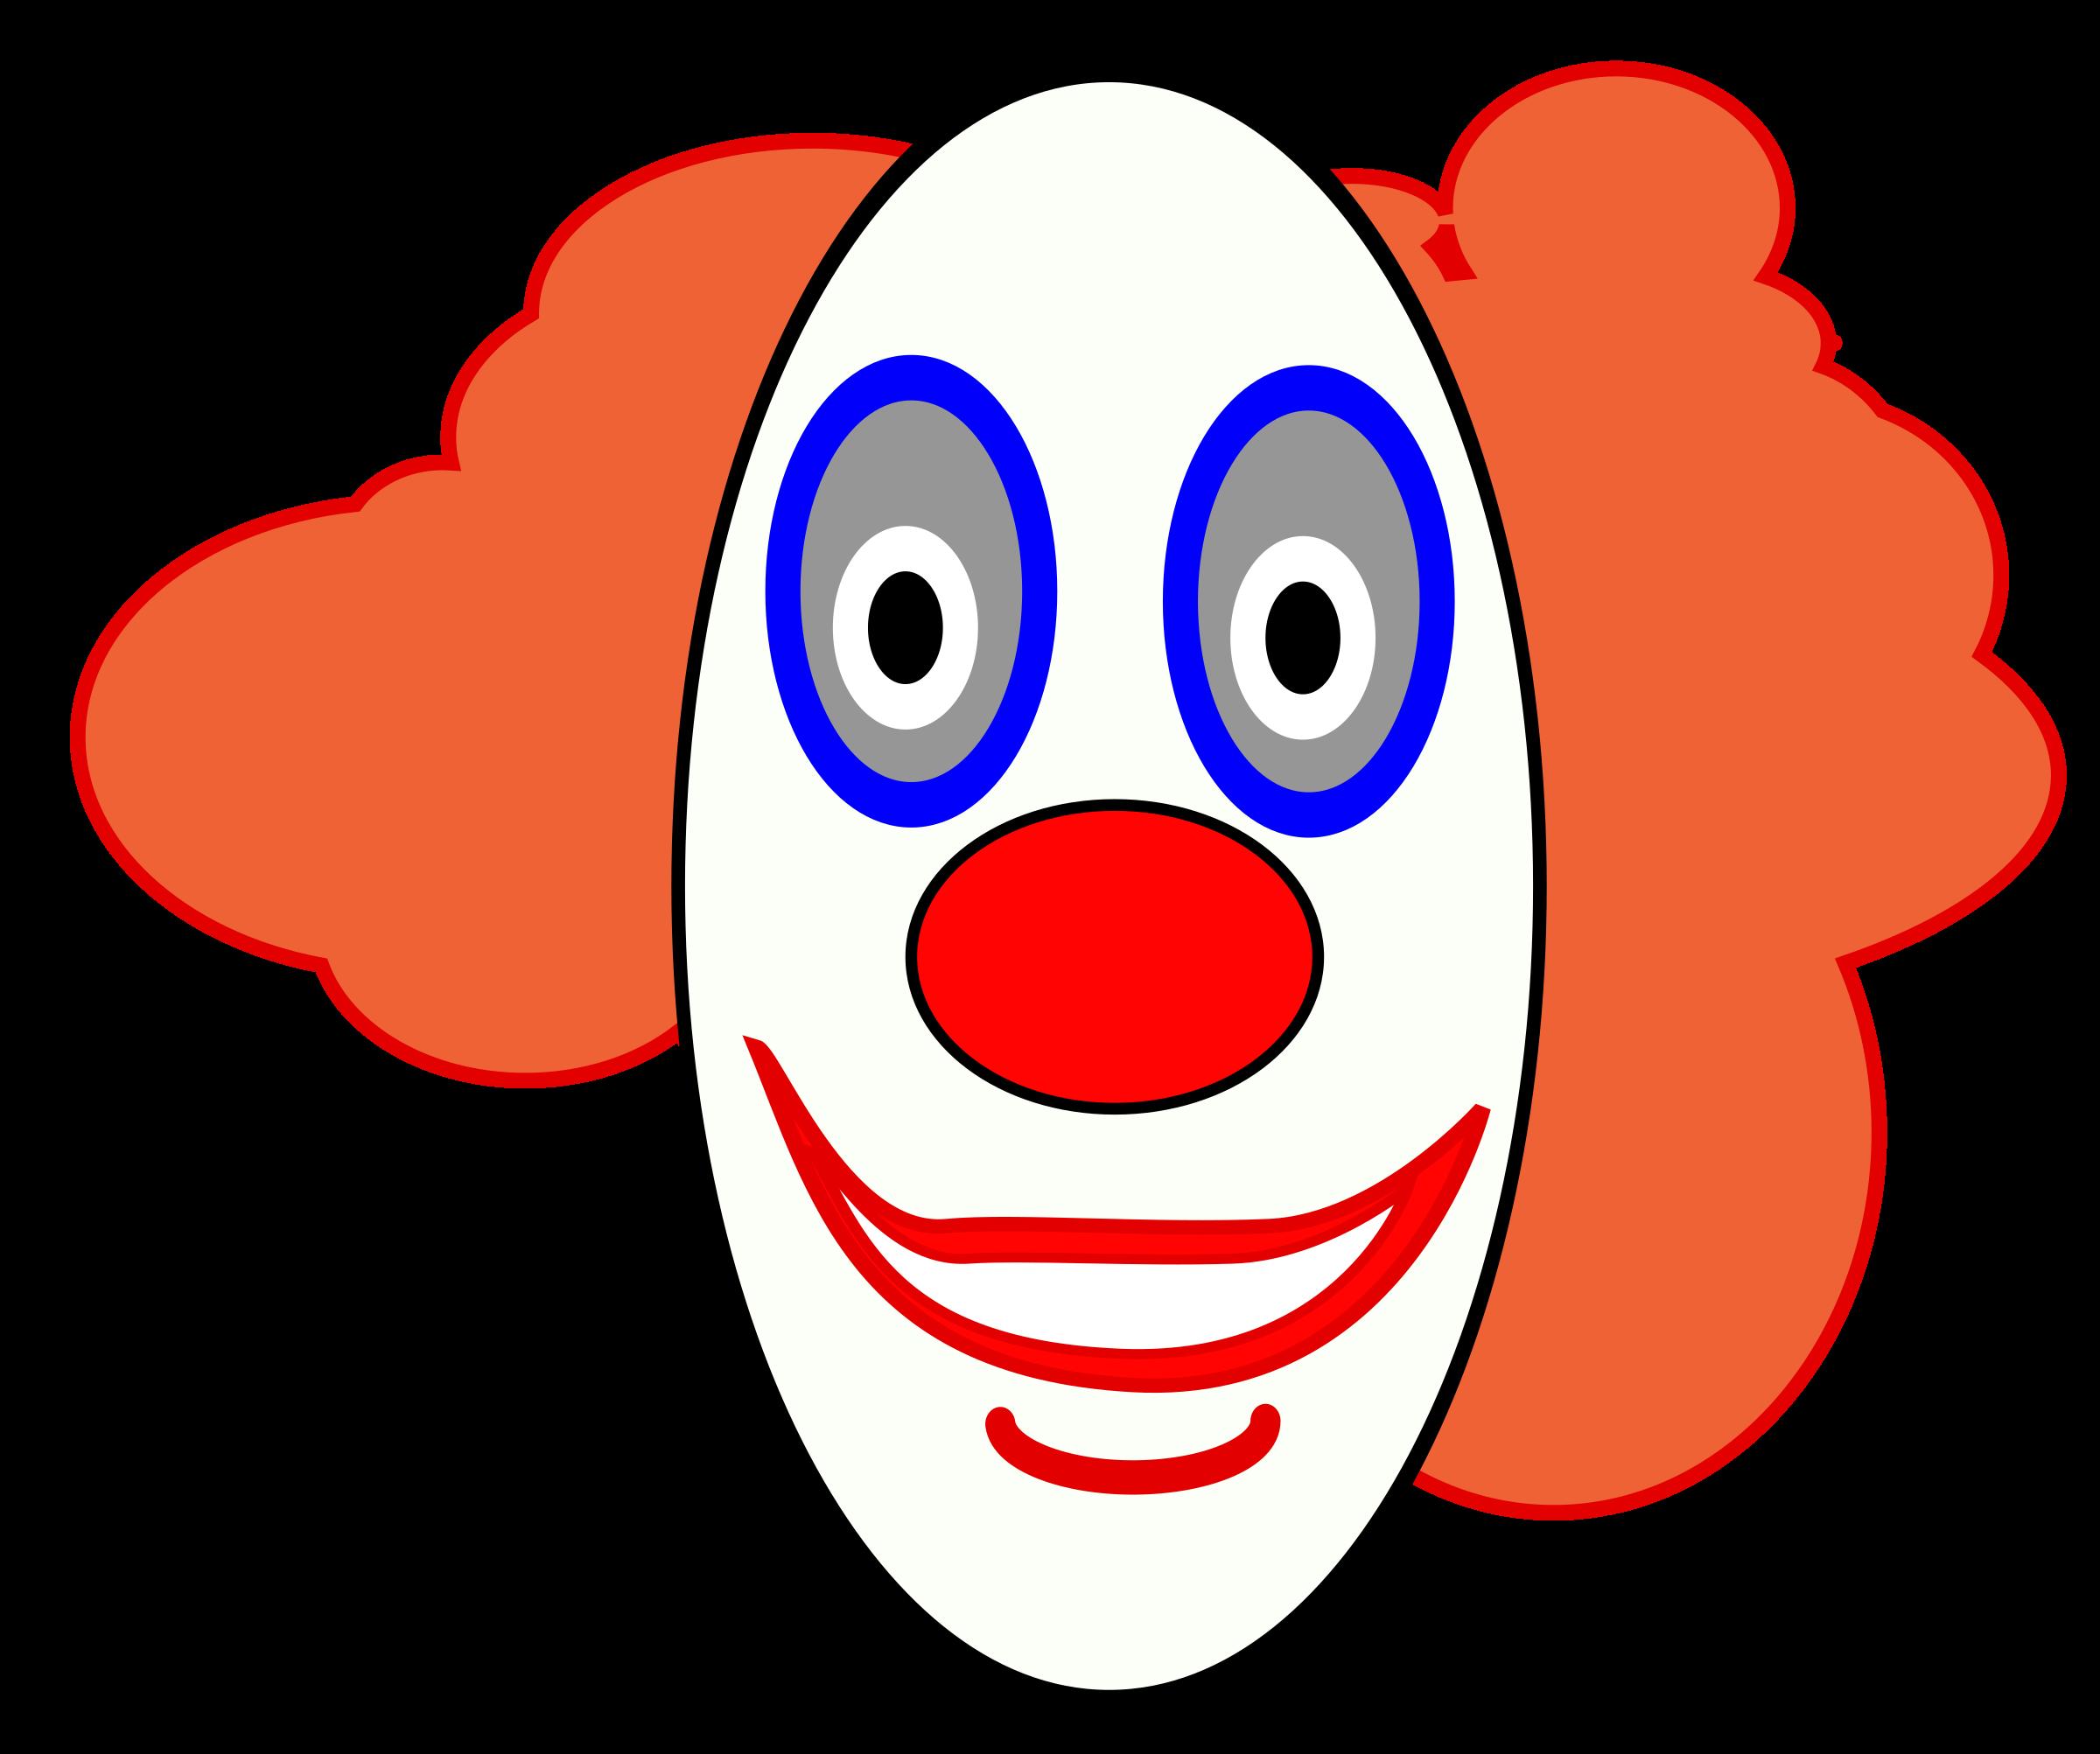 BIG IMAGE (PNG) - Circus Joker Face PNG